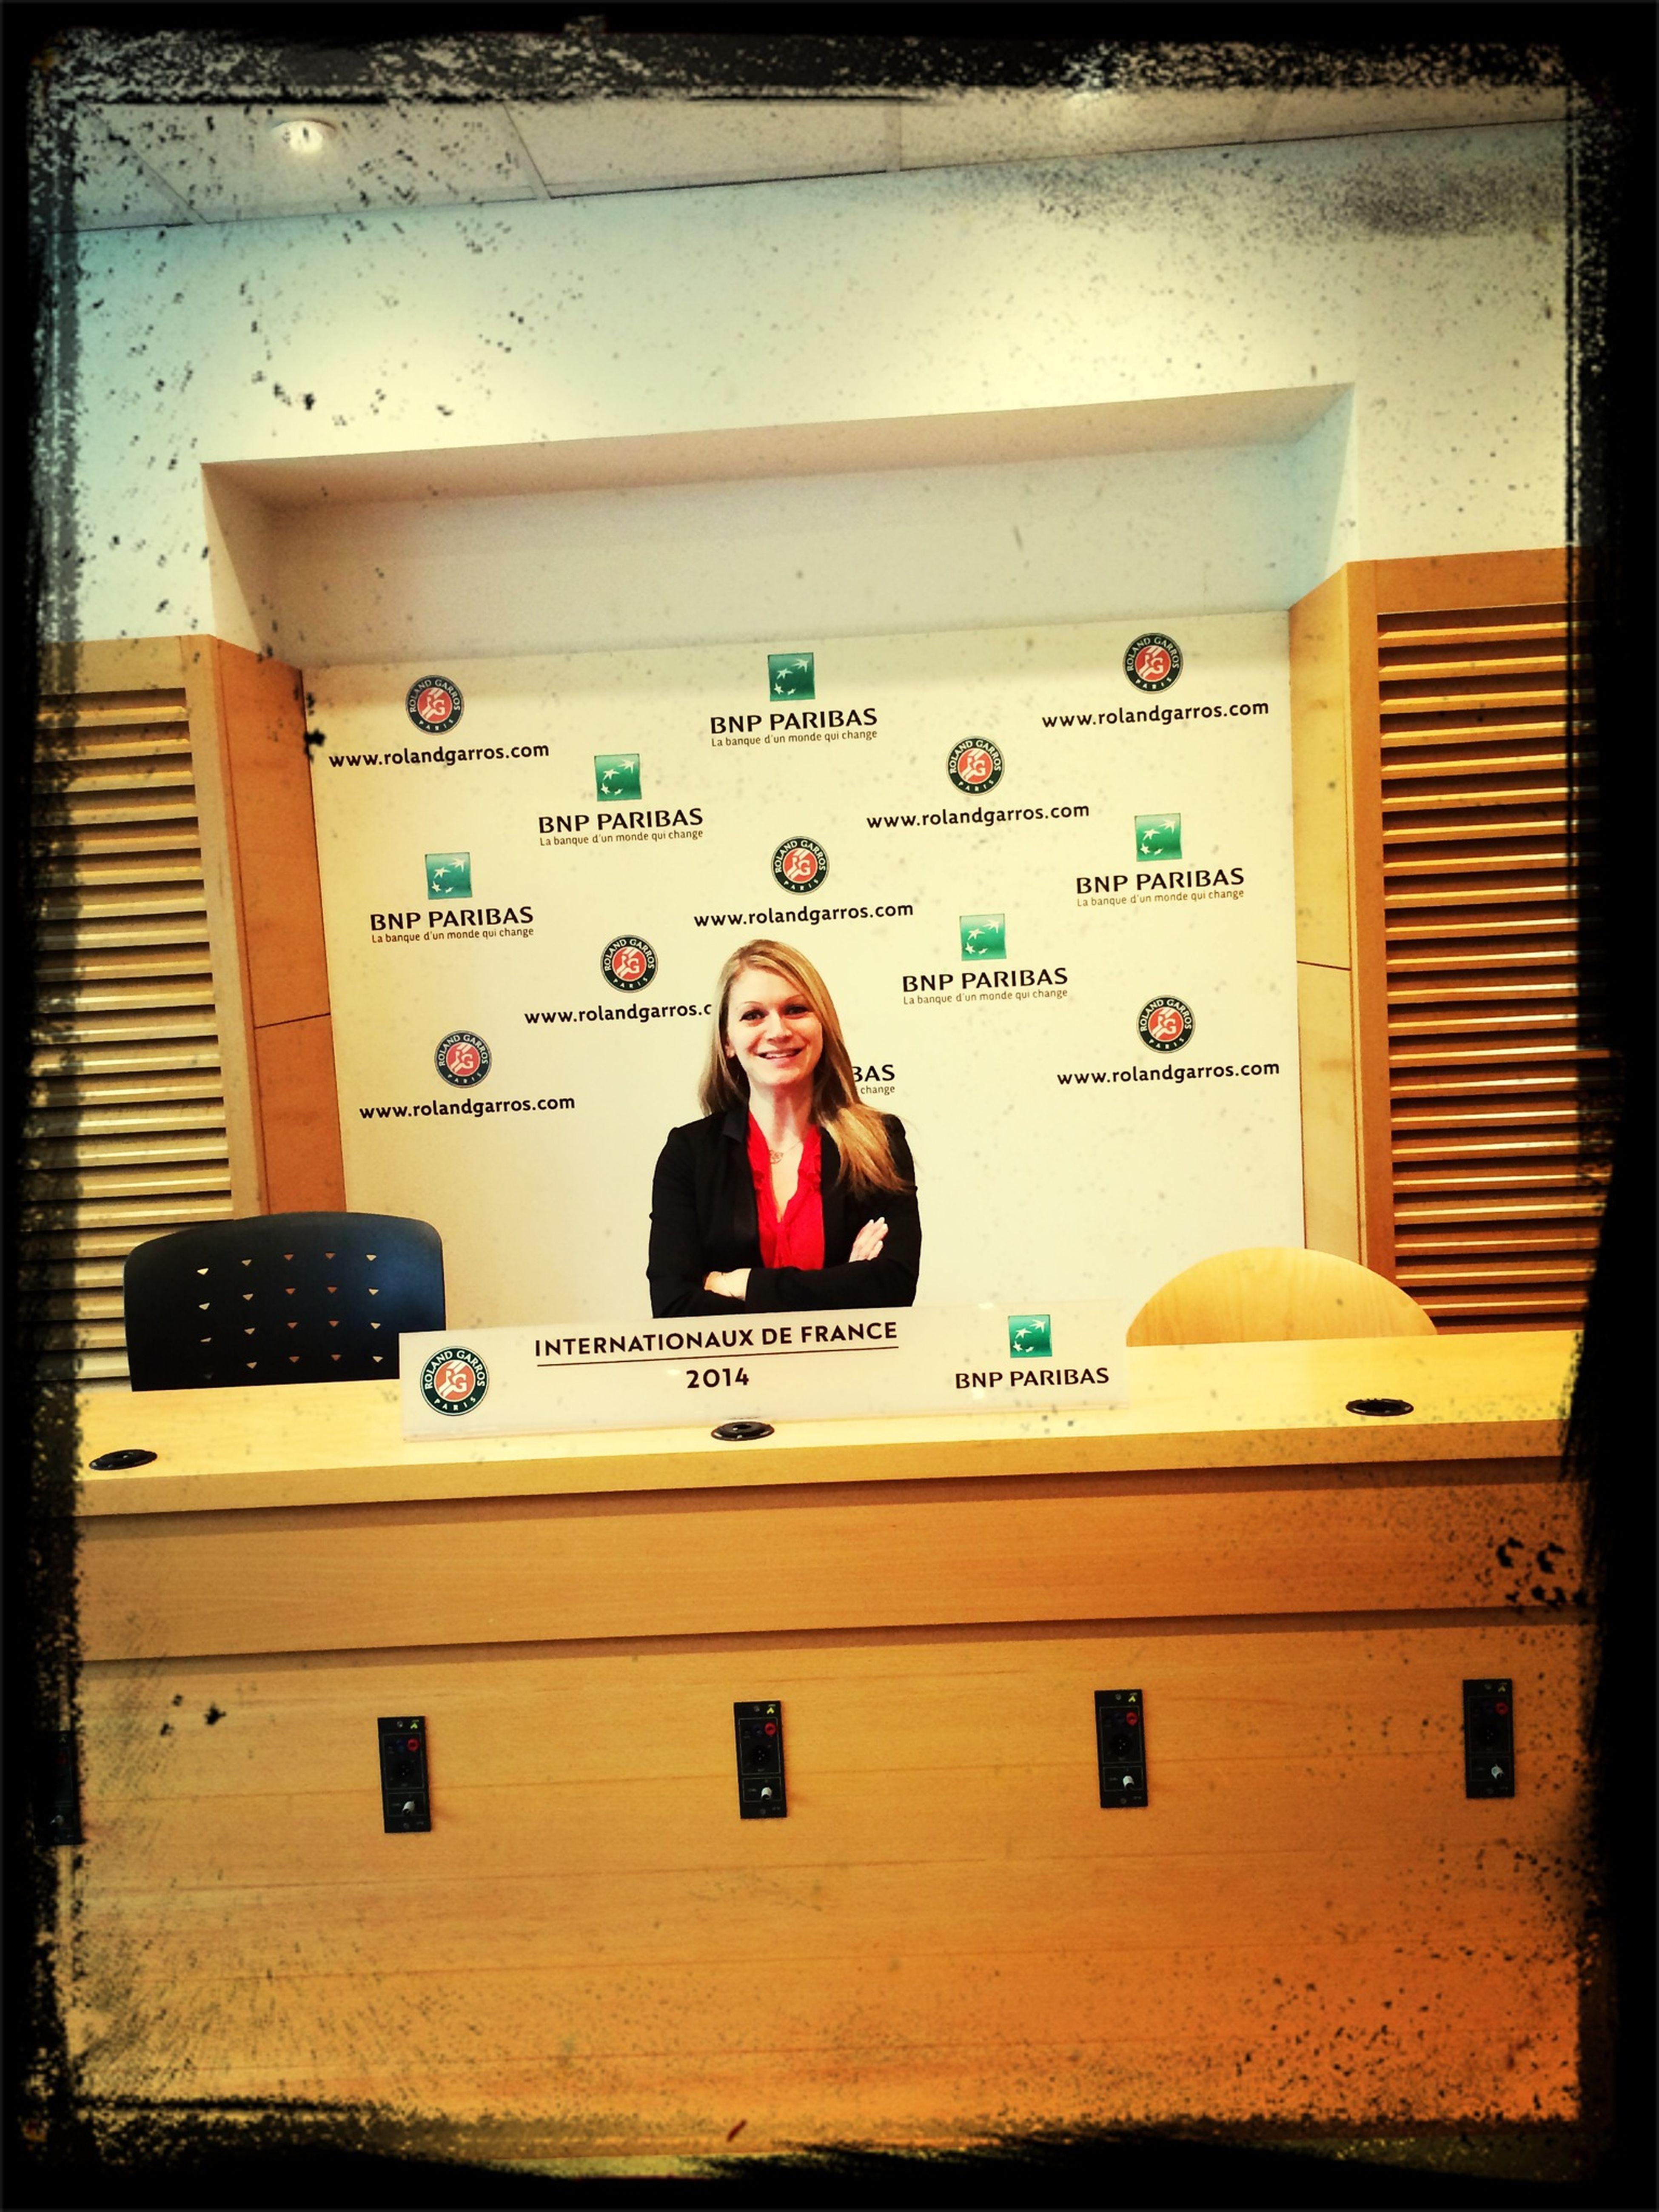 Roland Garros comme à la maison ^^